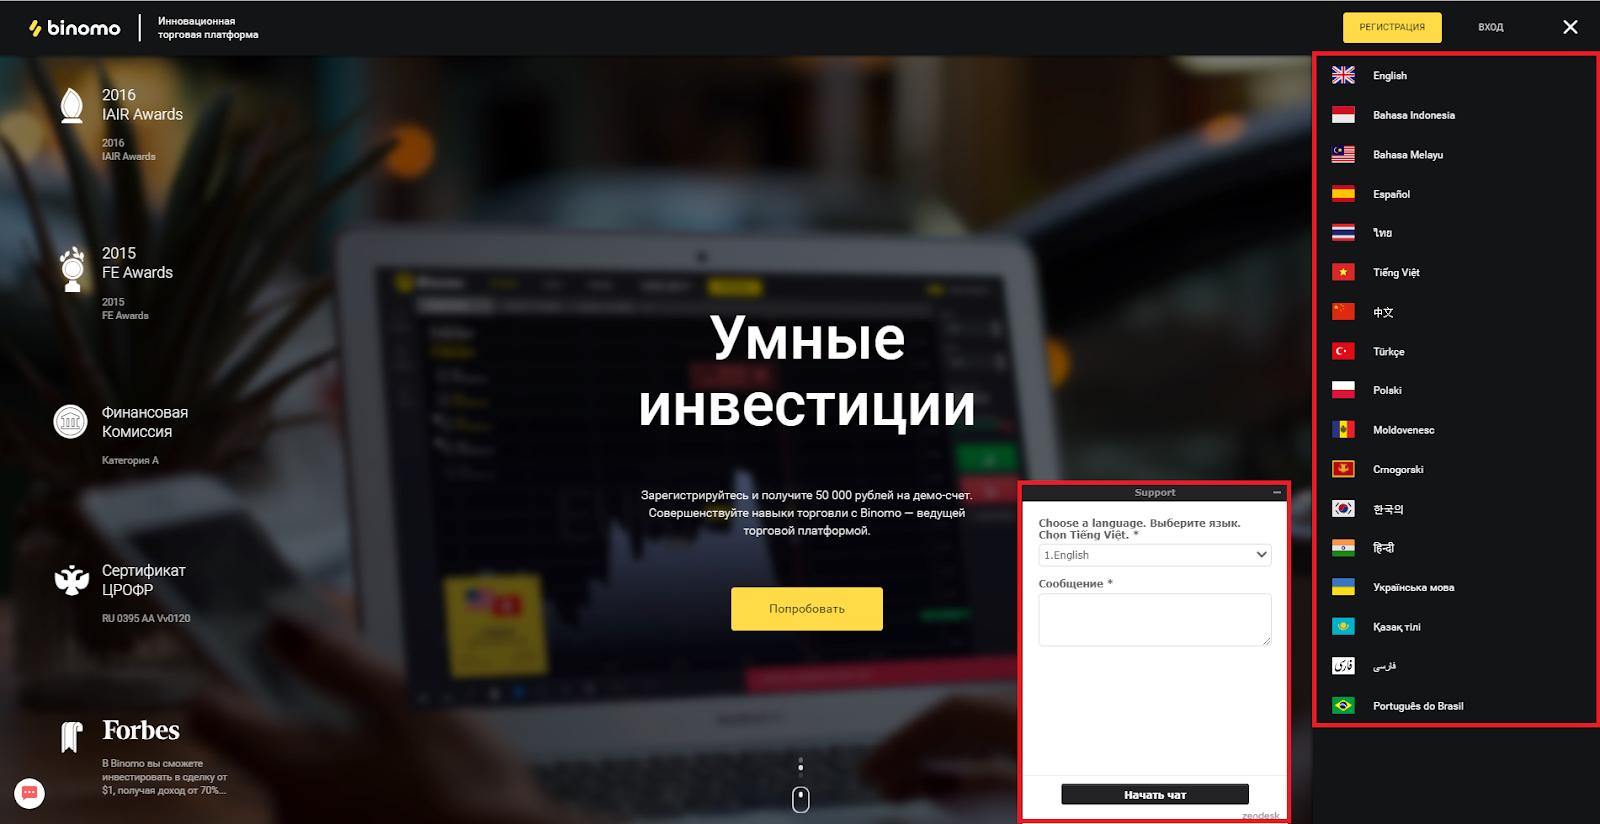 Выбор языка платформы и службы поддержки на Биномо